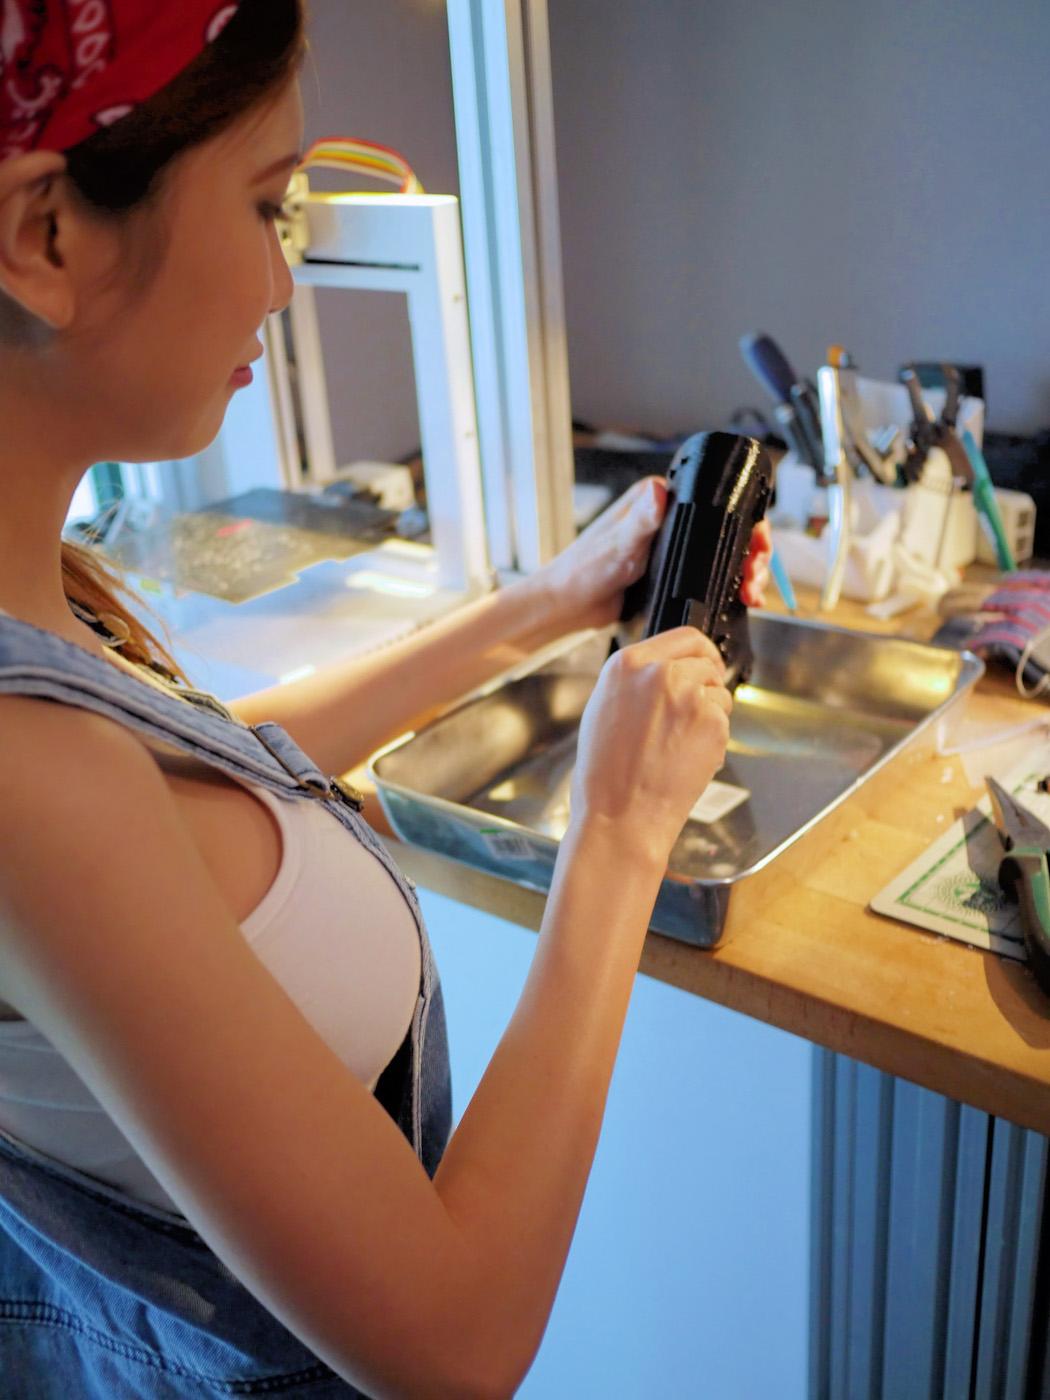 изобретательница мини юбки с подсветкой фото изучаем нож